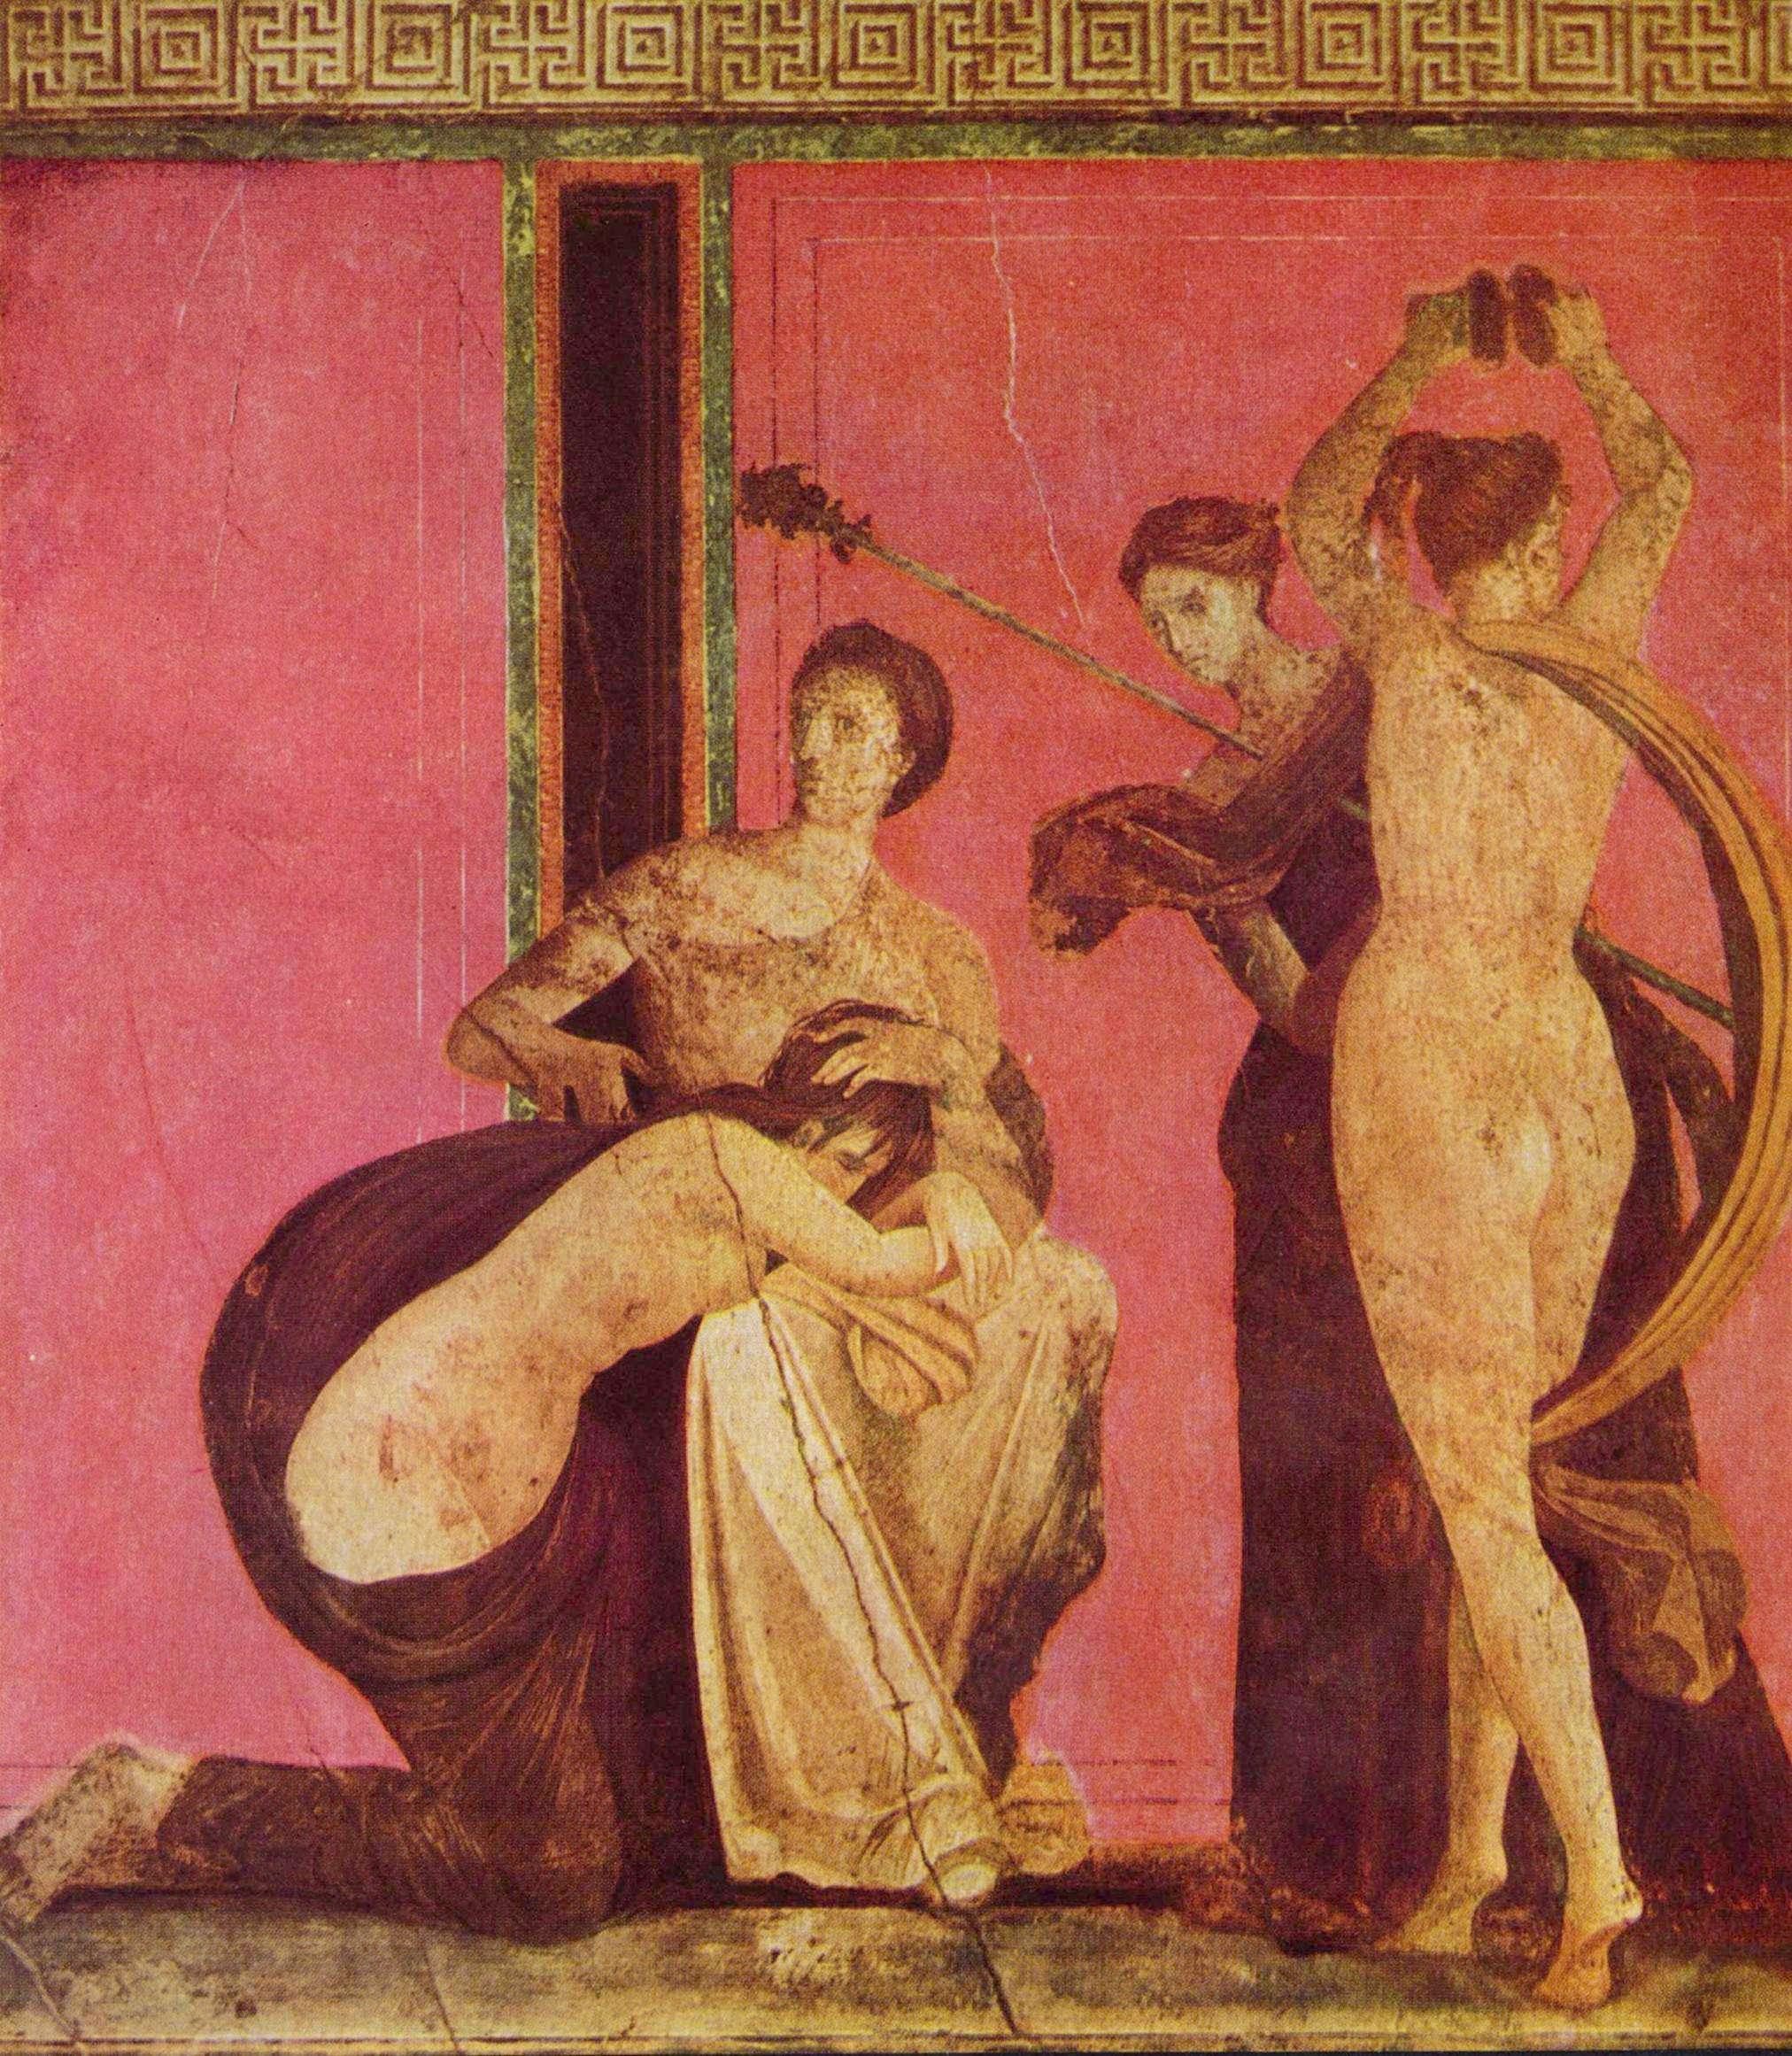 οιχογραφία από τη Βίλλα των Μυστηρίων. Από τα αρχαιολογικά ευρήματα της Πομπηίας, 80 μ.Χ.